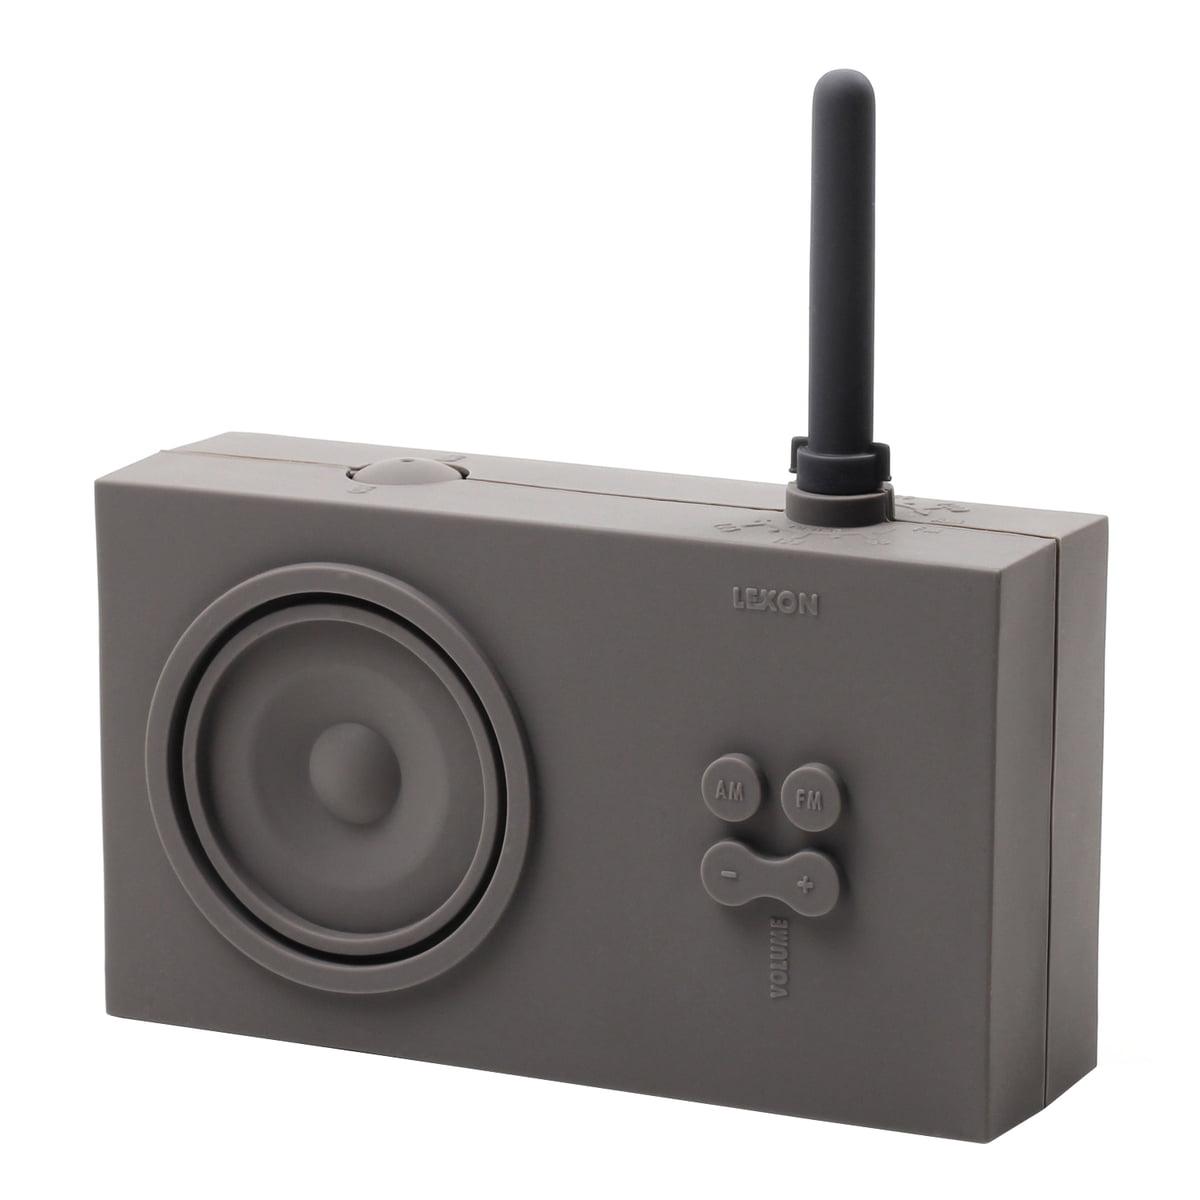 Lexon - Tykho Radio AM/FM, grau